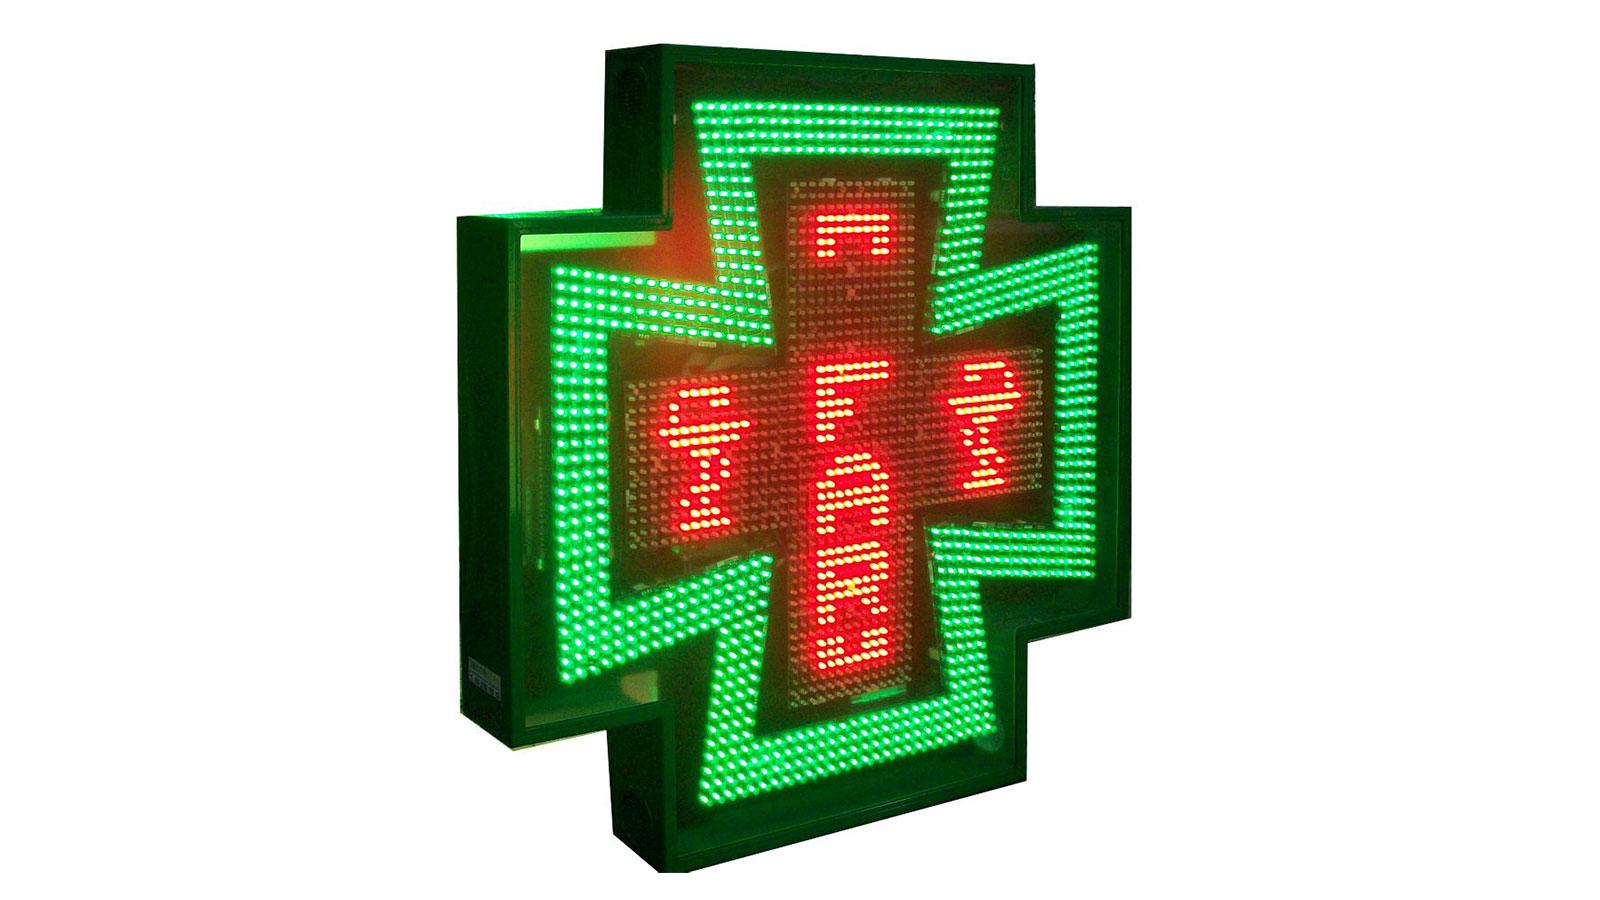 Cruces de farmacia de leds: Milenium